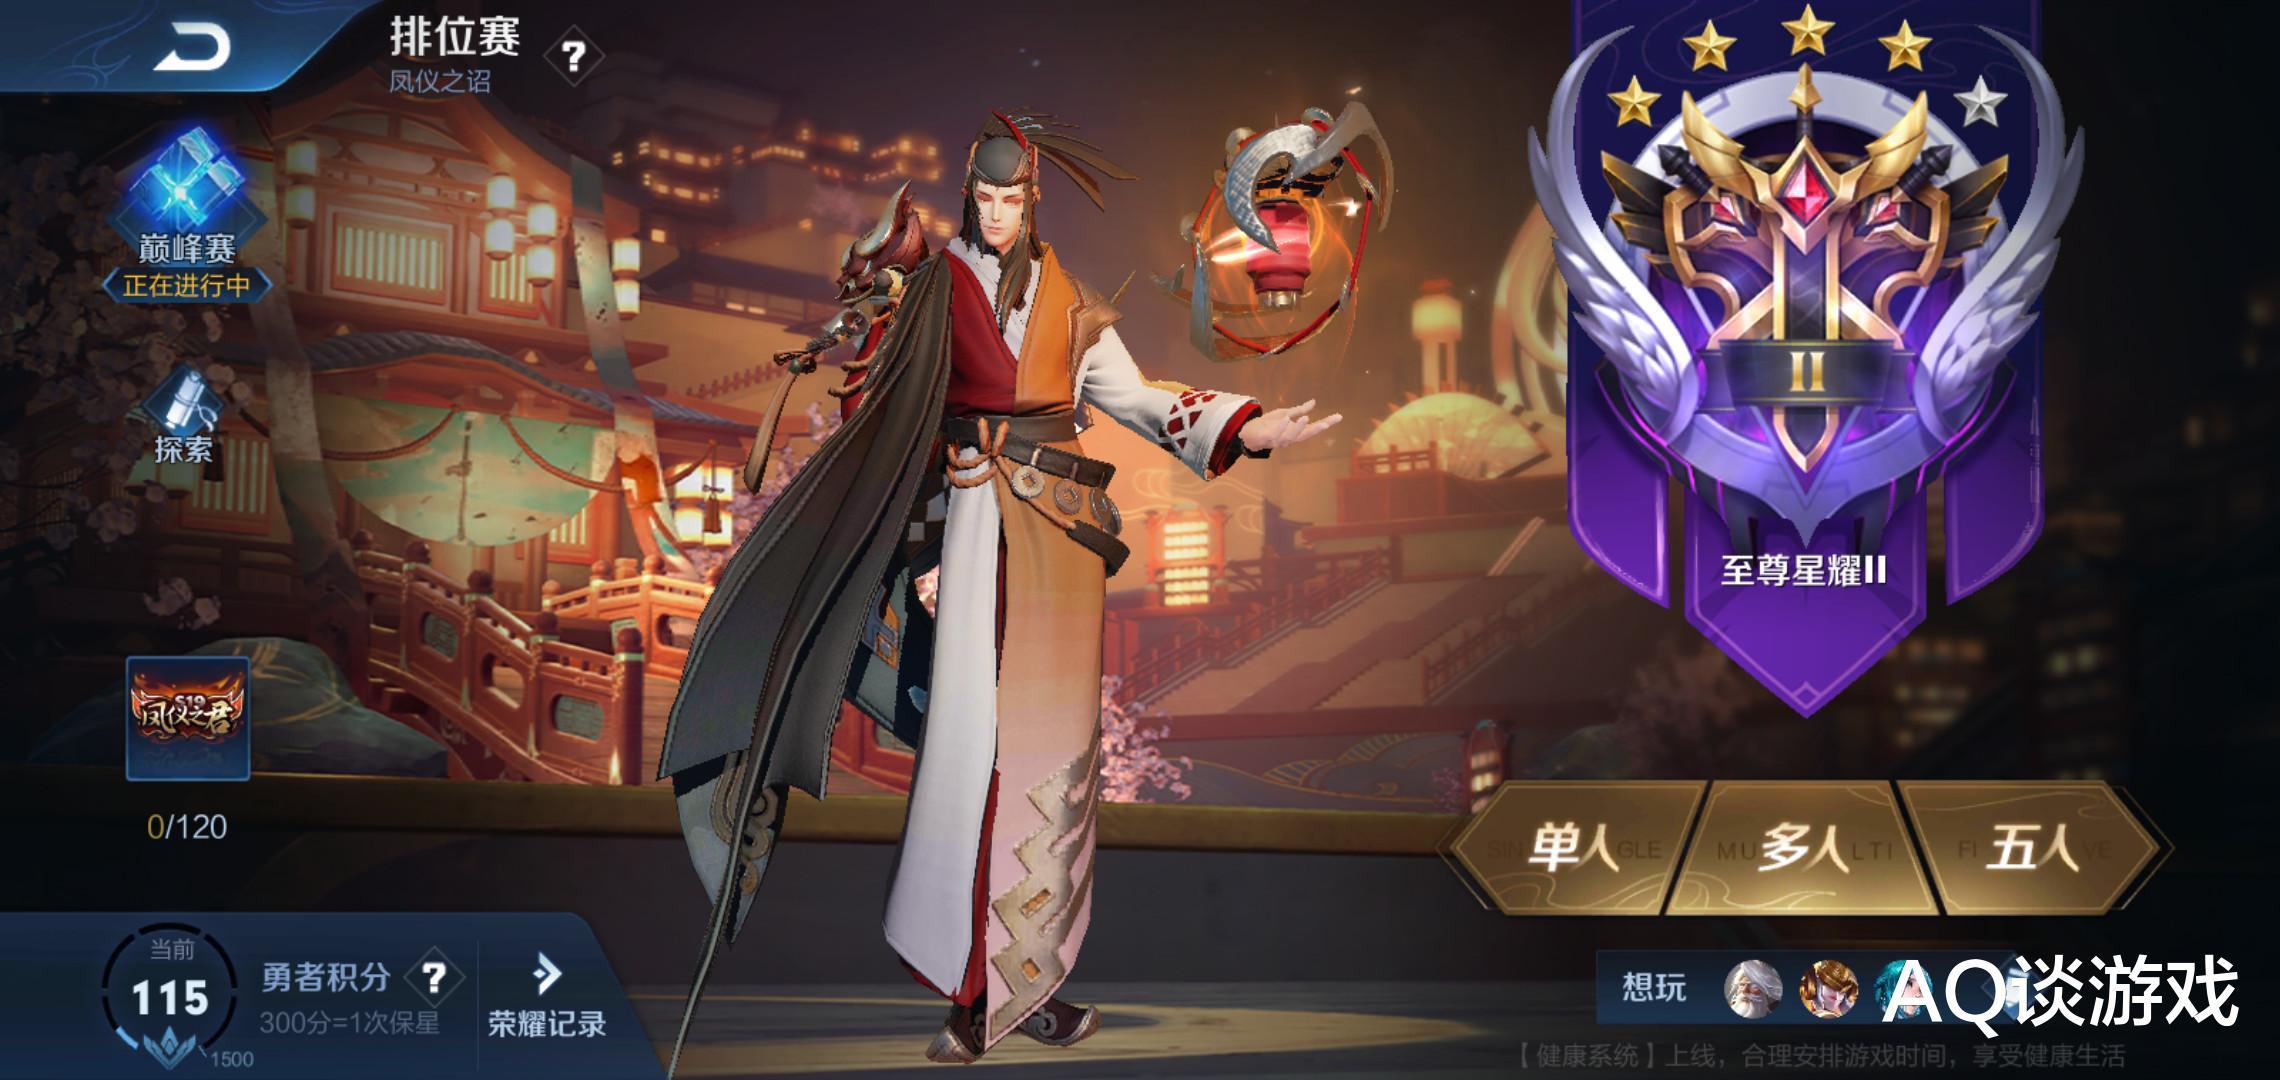 王者荣耀:狮心王返场事件真相大白,玩家开心笑了 狮心王 王者荣耀 手游热点  第5张